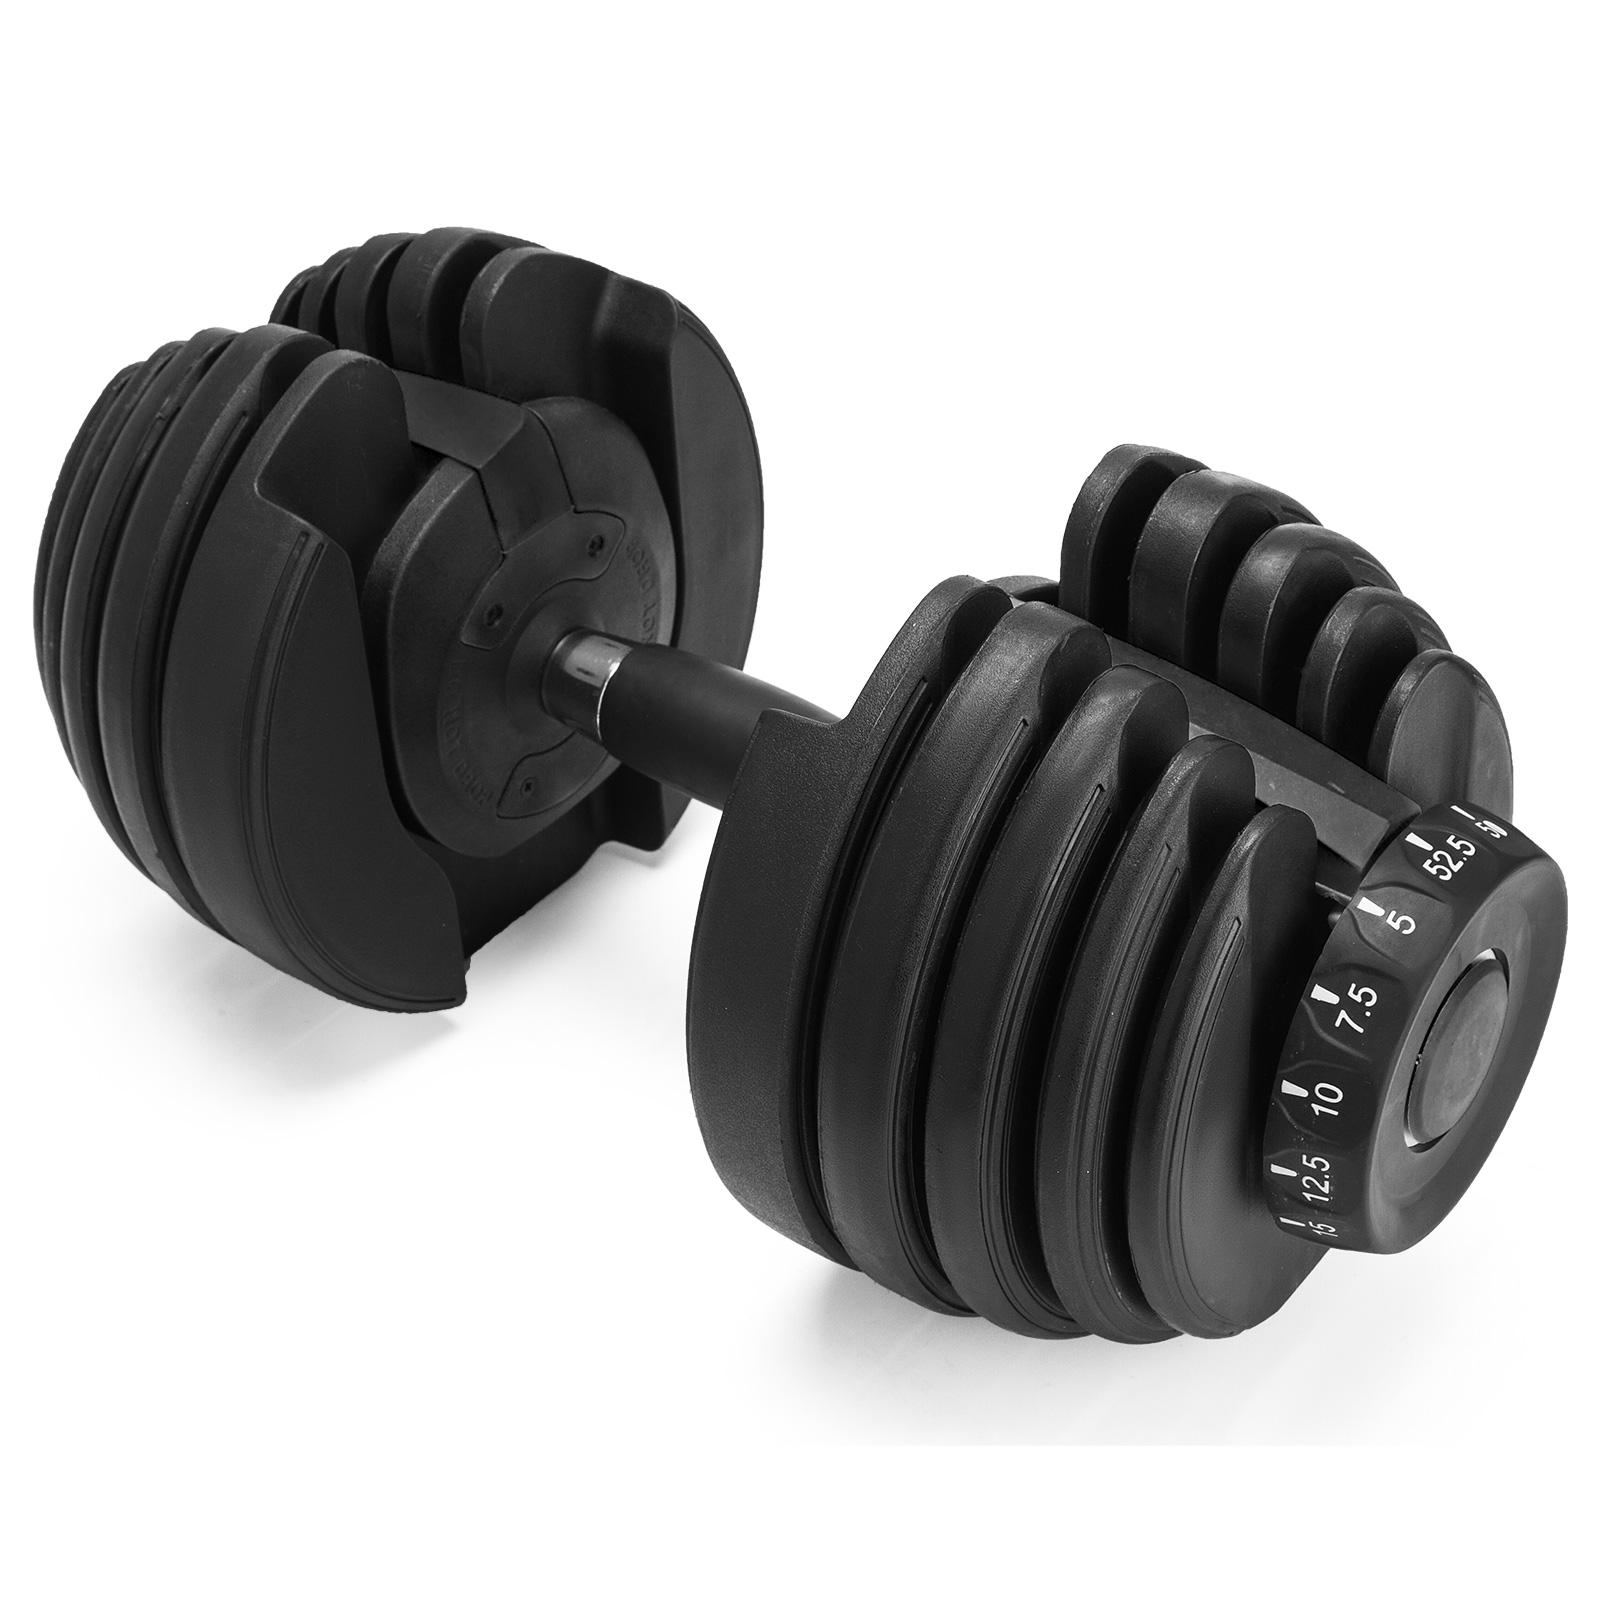 Fitness Adjustable Dumbbell 1090 Single Adjustable